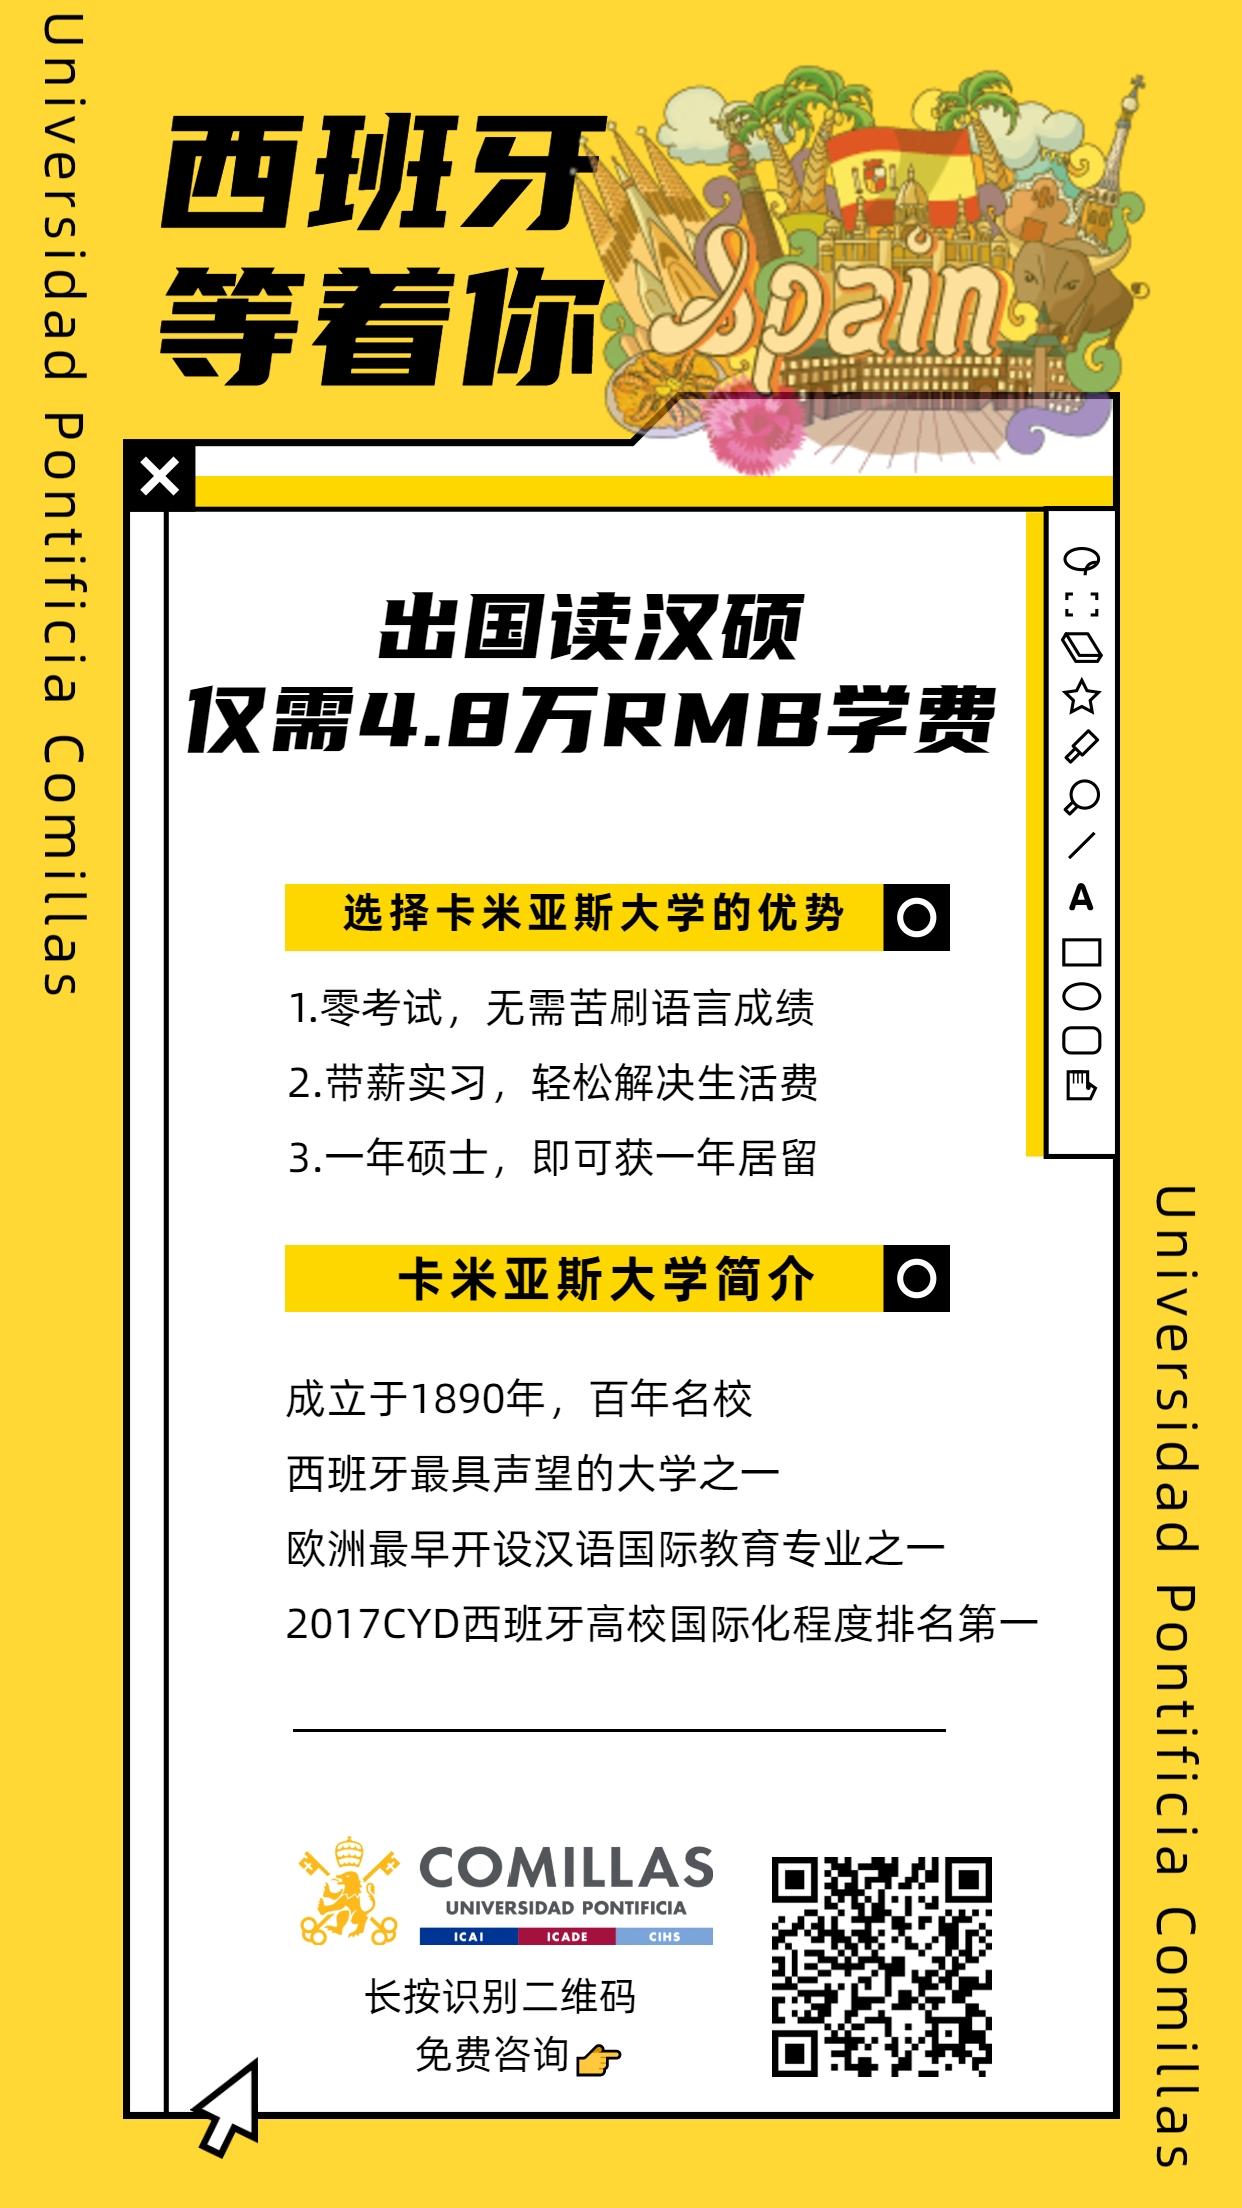 2021COMILLAS线下海报-媒体部(1).jpg